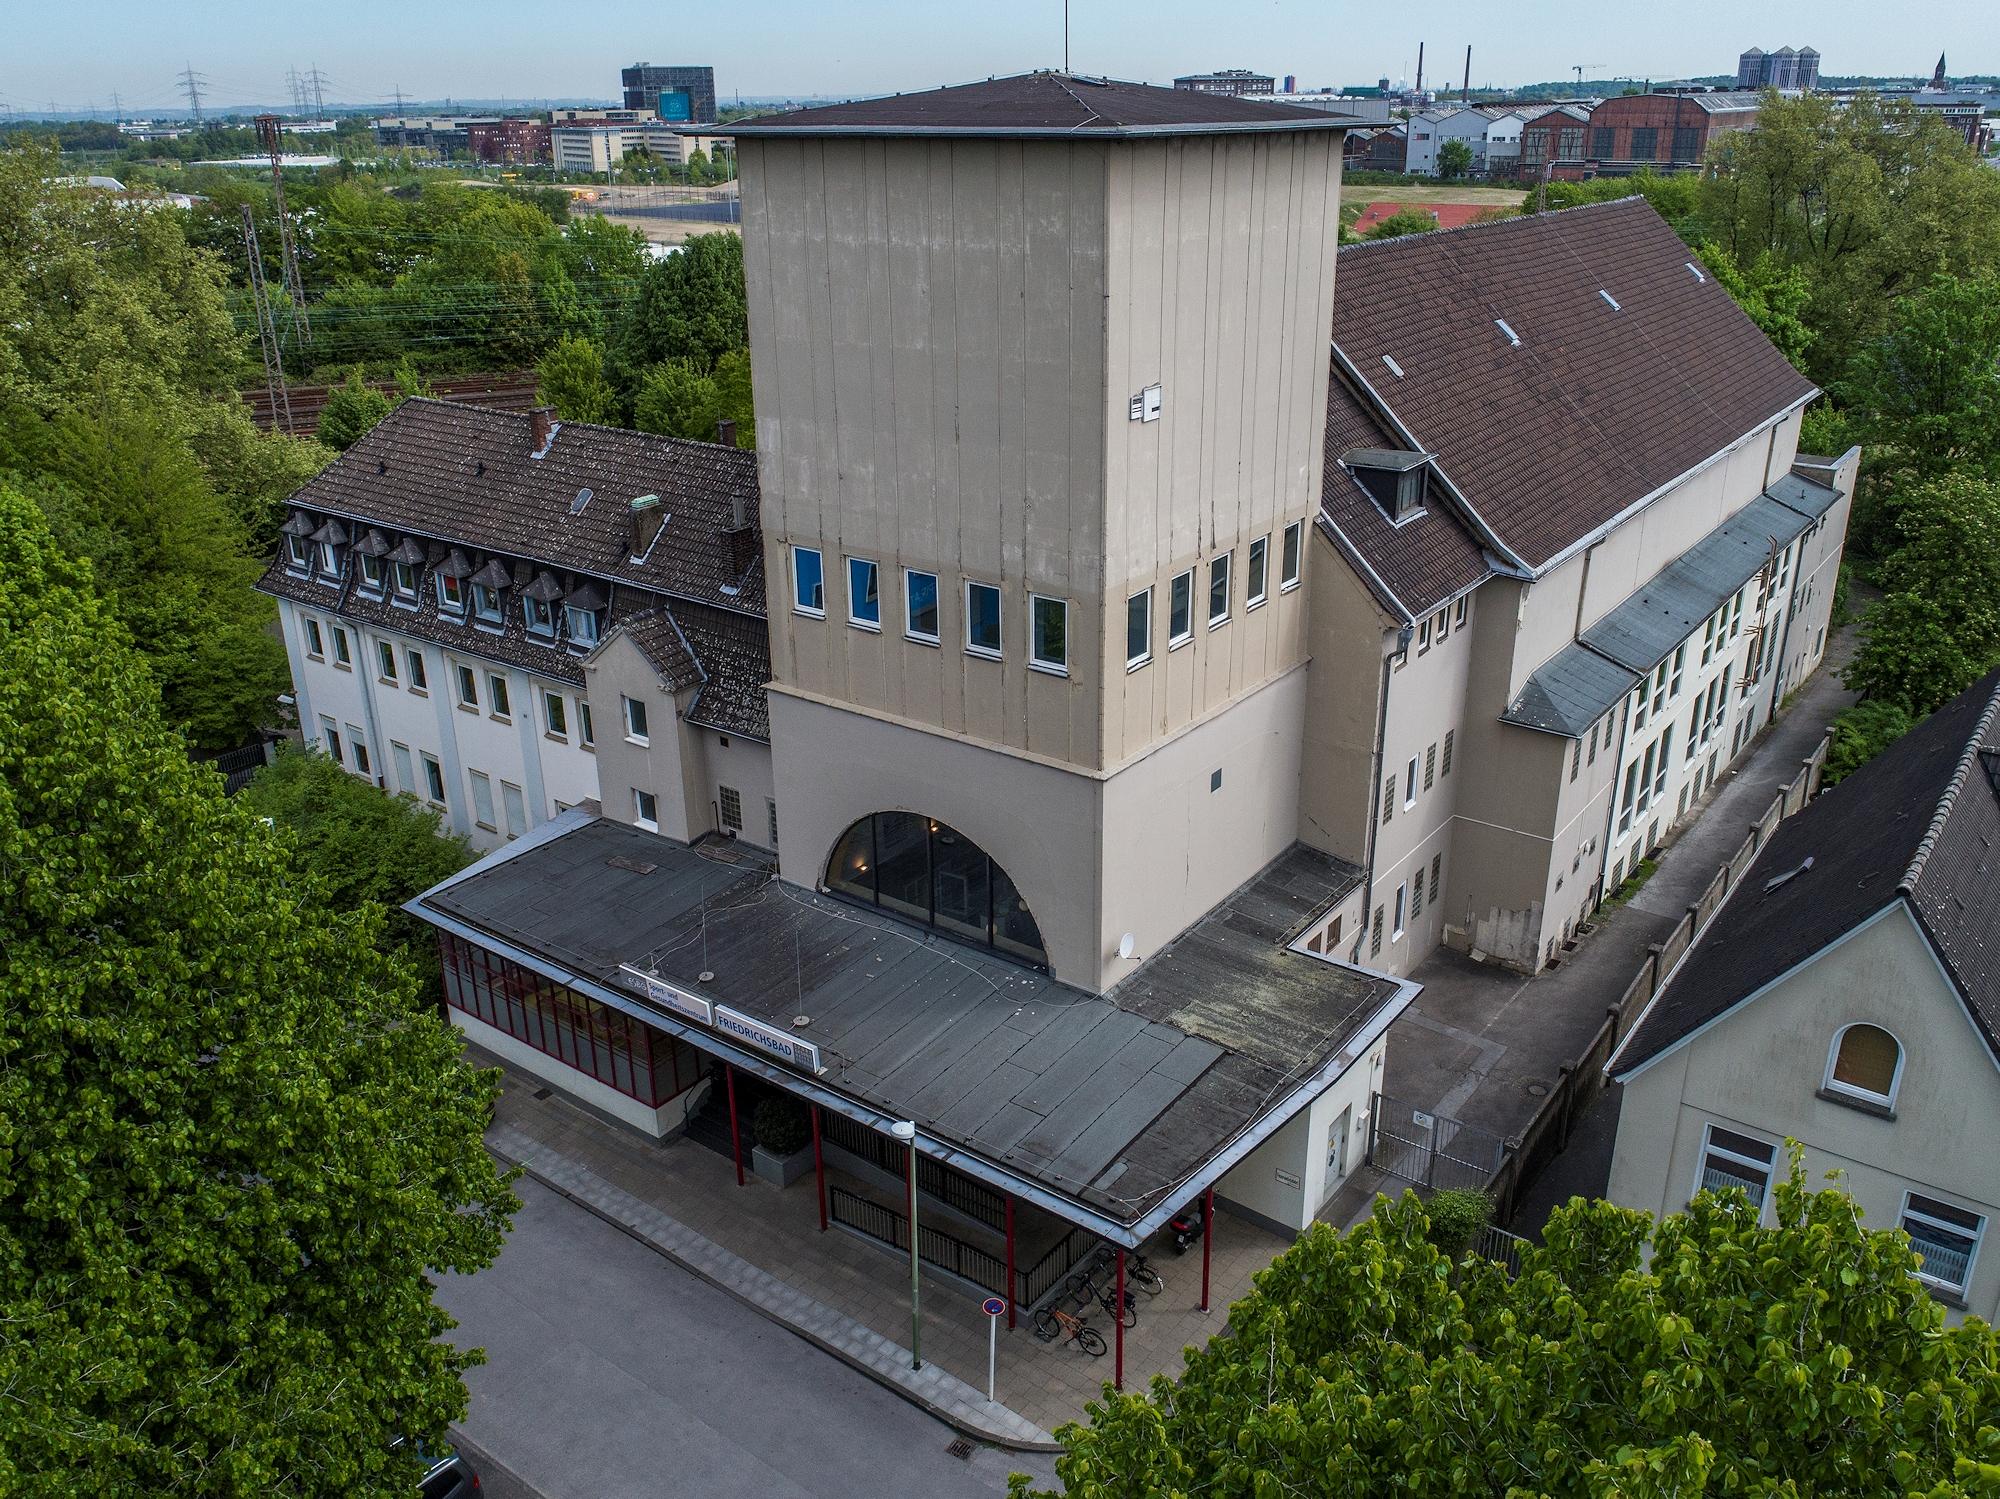 Foto: Luftbildaufnahme des Friedrichsbads